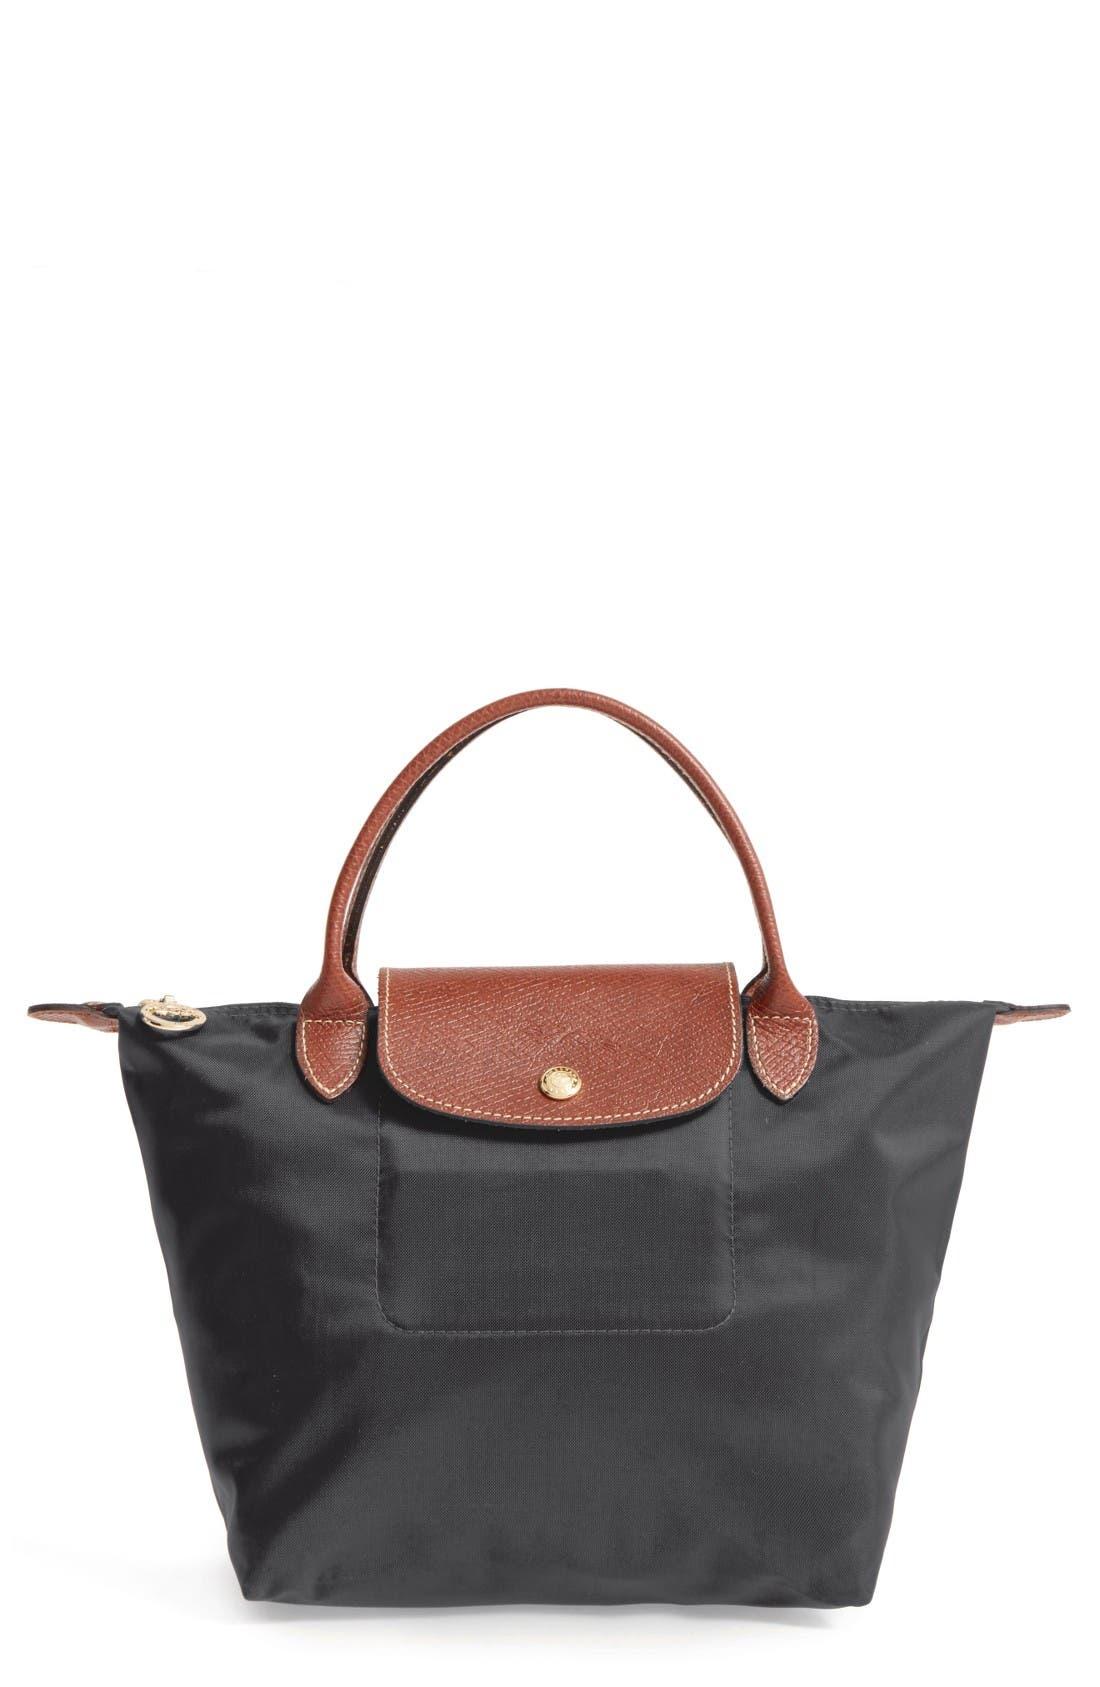 Longchamp 'Mini Le Pliage' Handbag